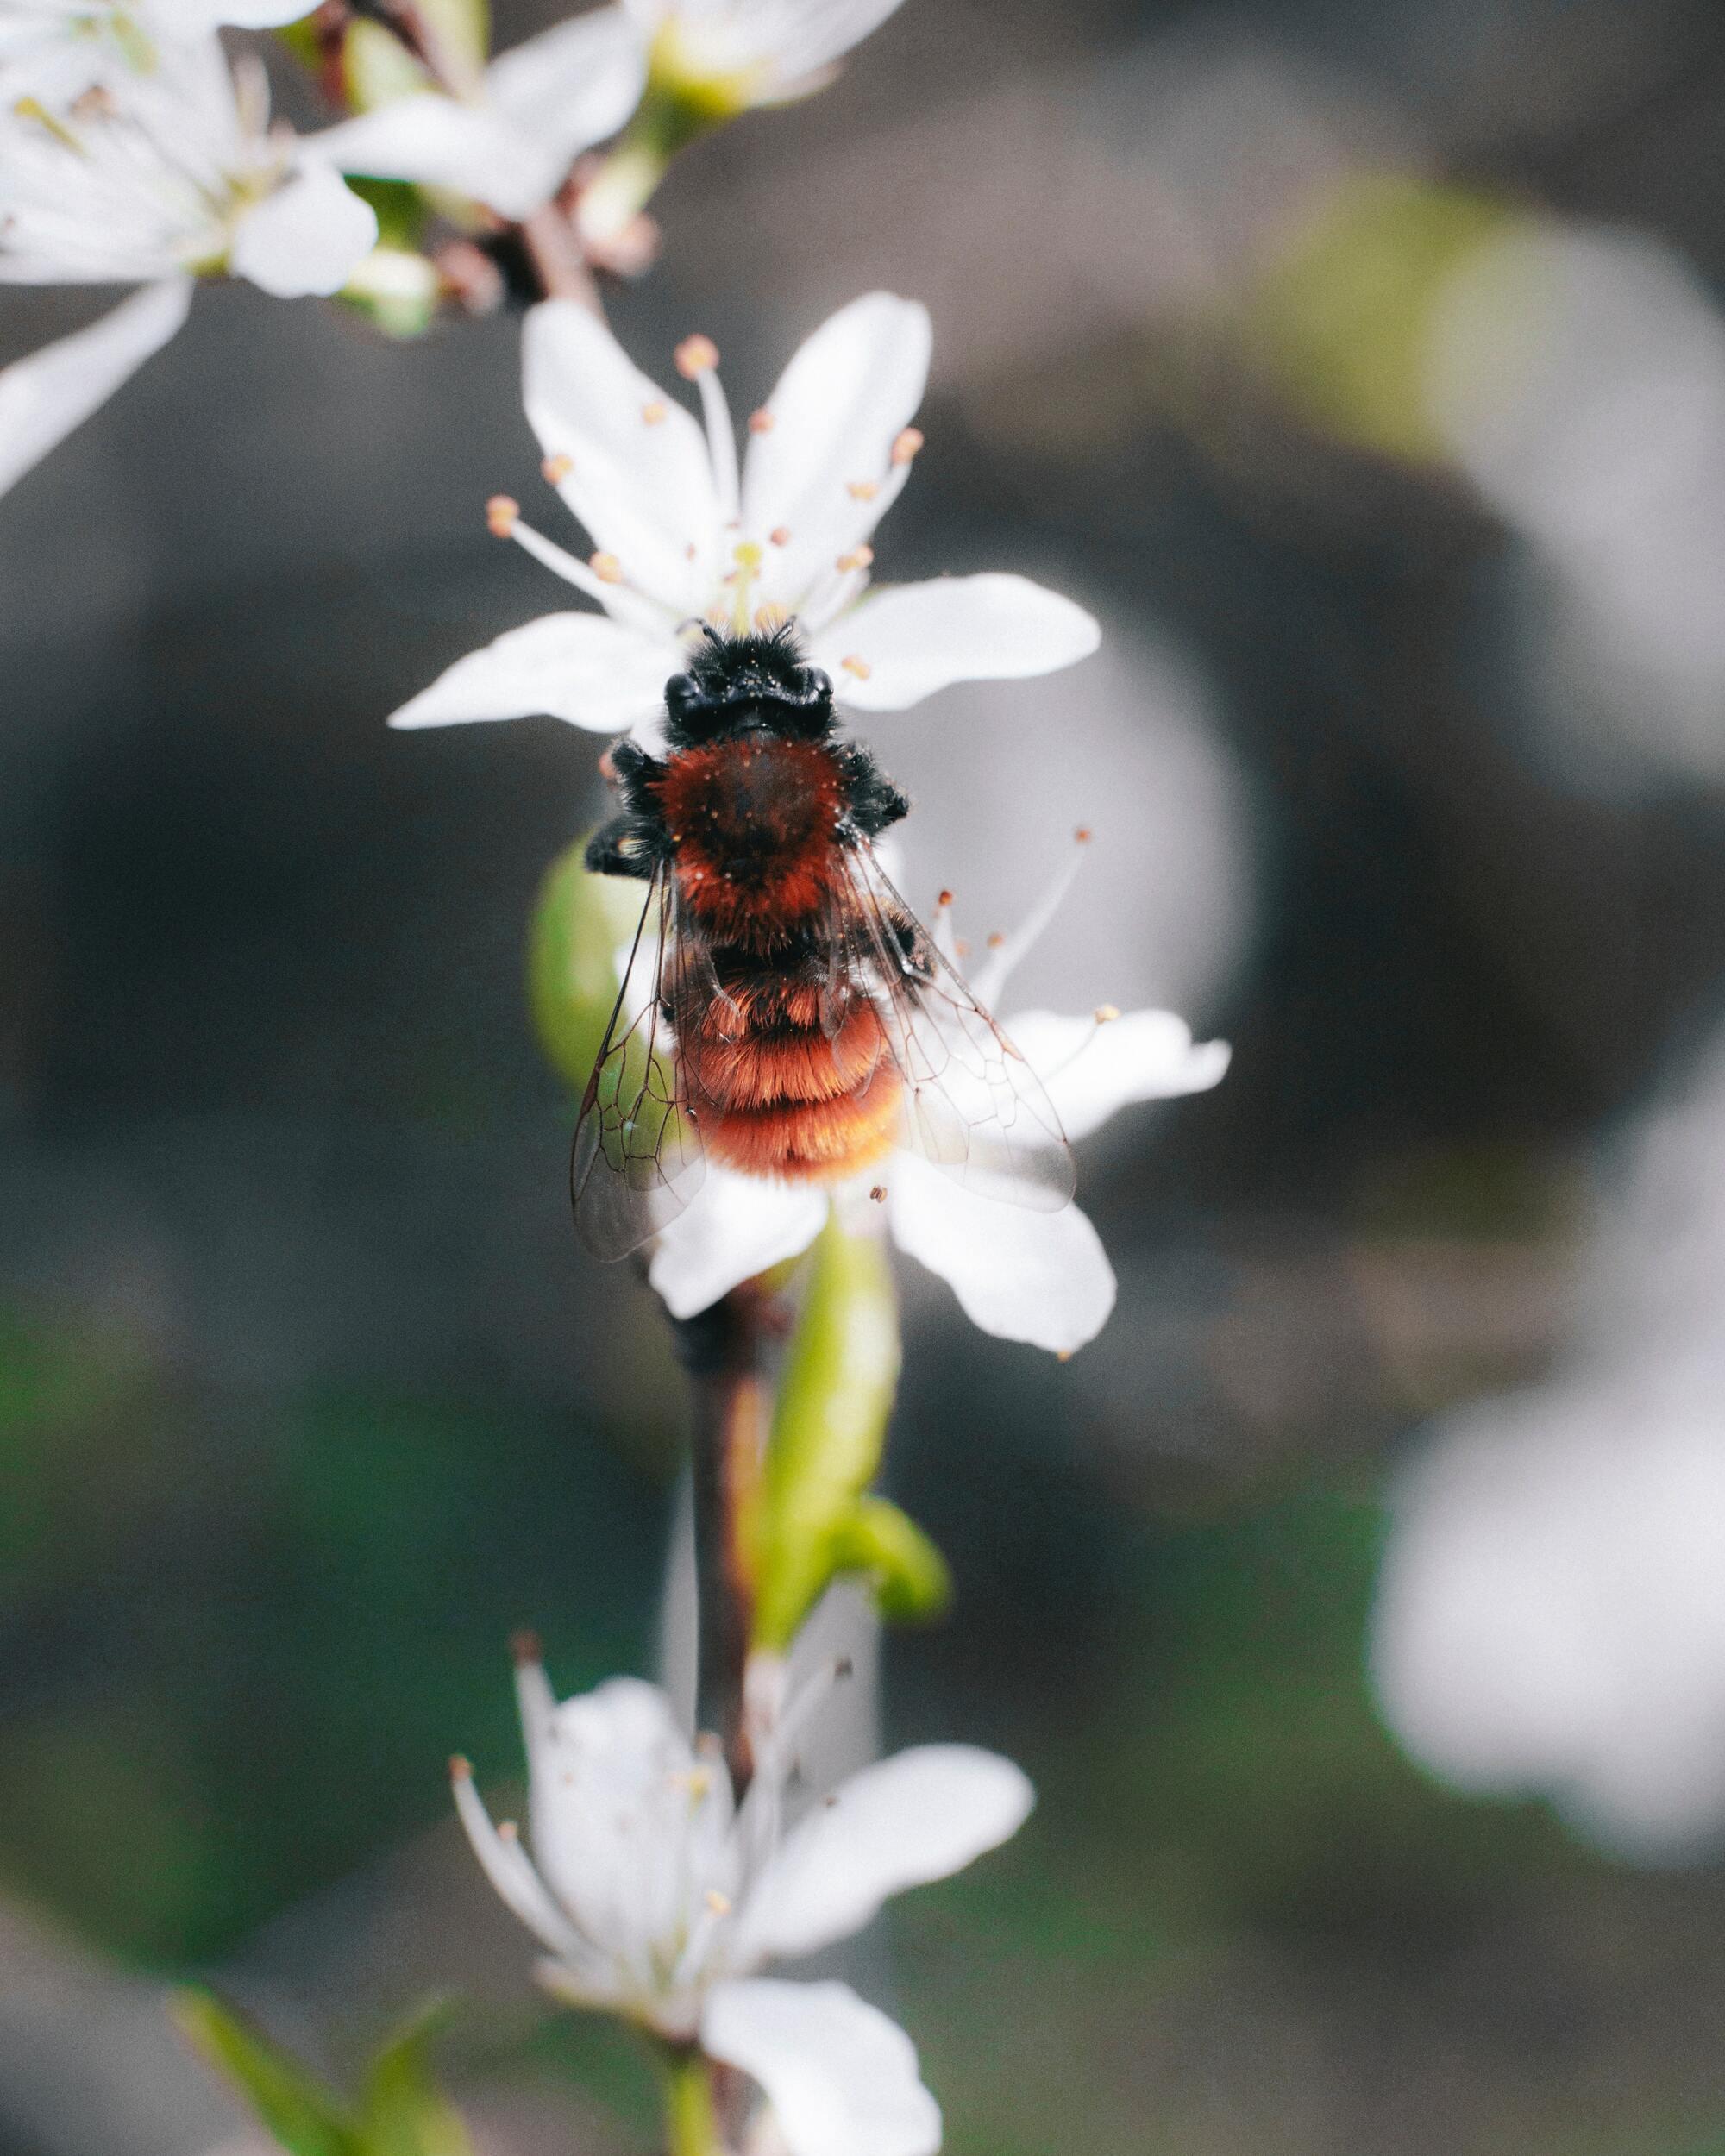 Ảnh con ong hút mật hoa đẹp nhất